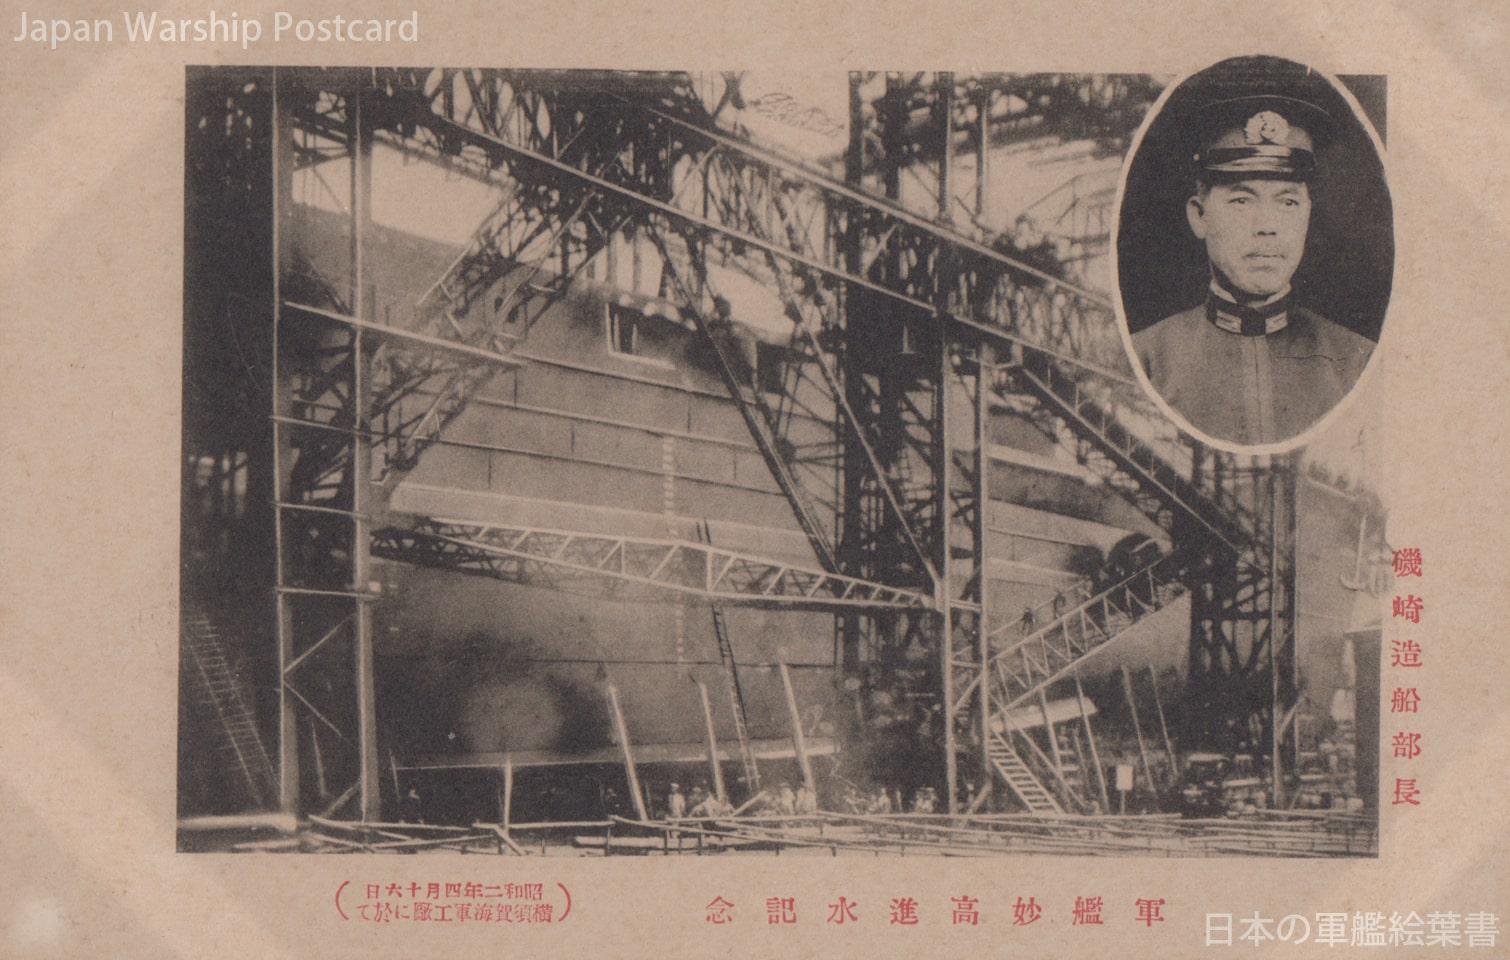 軍艦妙高進水記念 磯崎造船部長